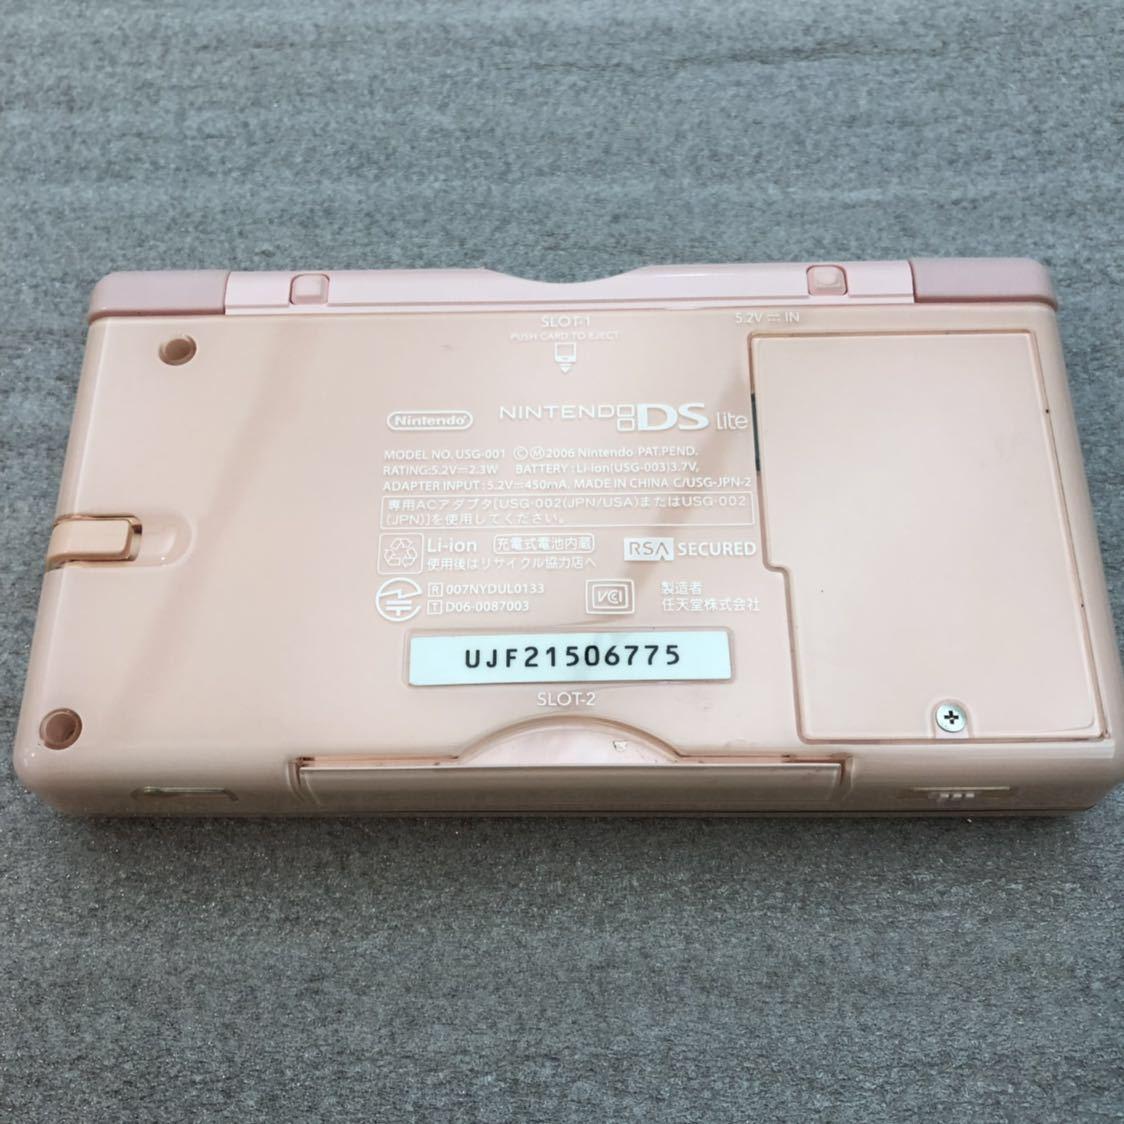 【美品!】◆稼働品◆ 任天堂 Nintendo にんてんどう DSLite 本体 専用アダプタ付き ノーブルピンク ゲーム機 携帯ゲーム機 おもちゃ/CD0_画像4